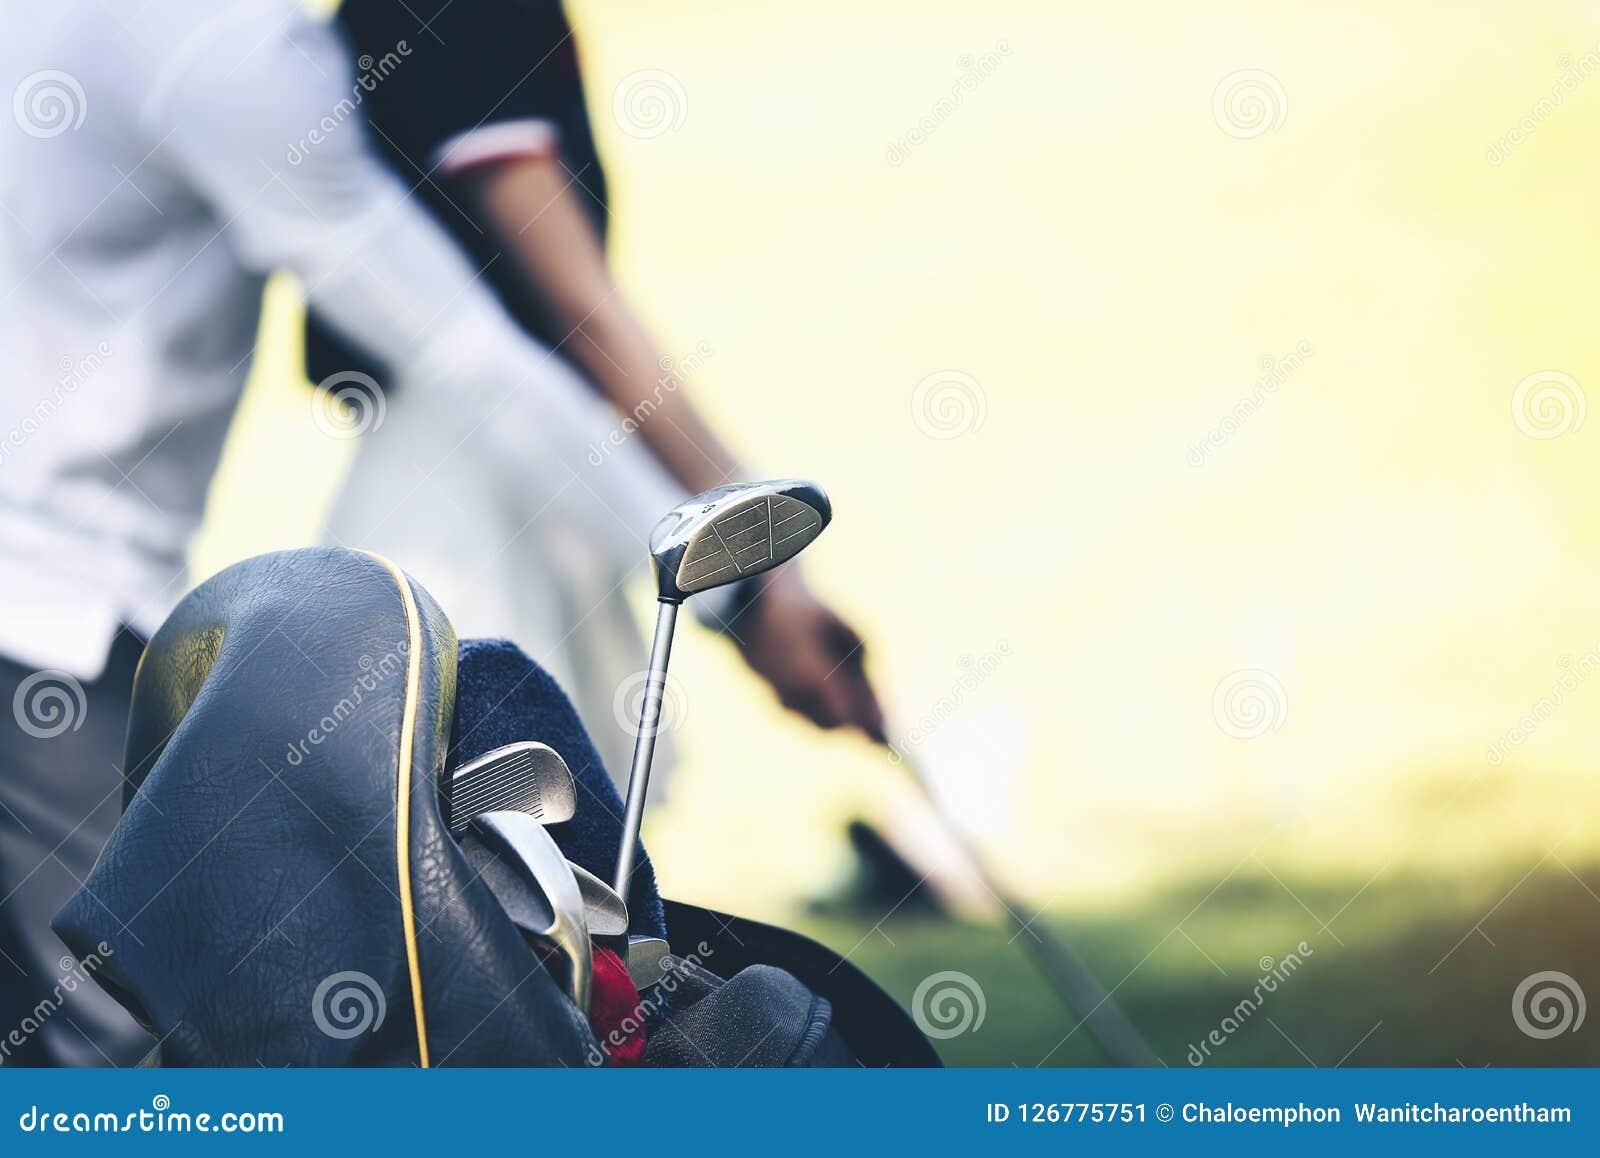 教练教高尔夫球运动员首先捉住木头到p